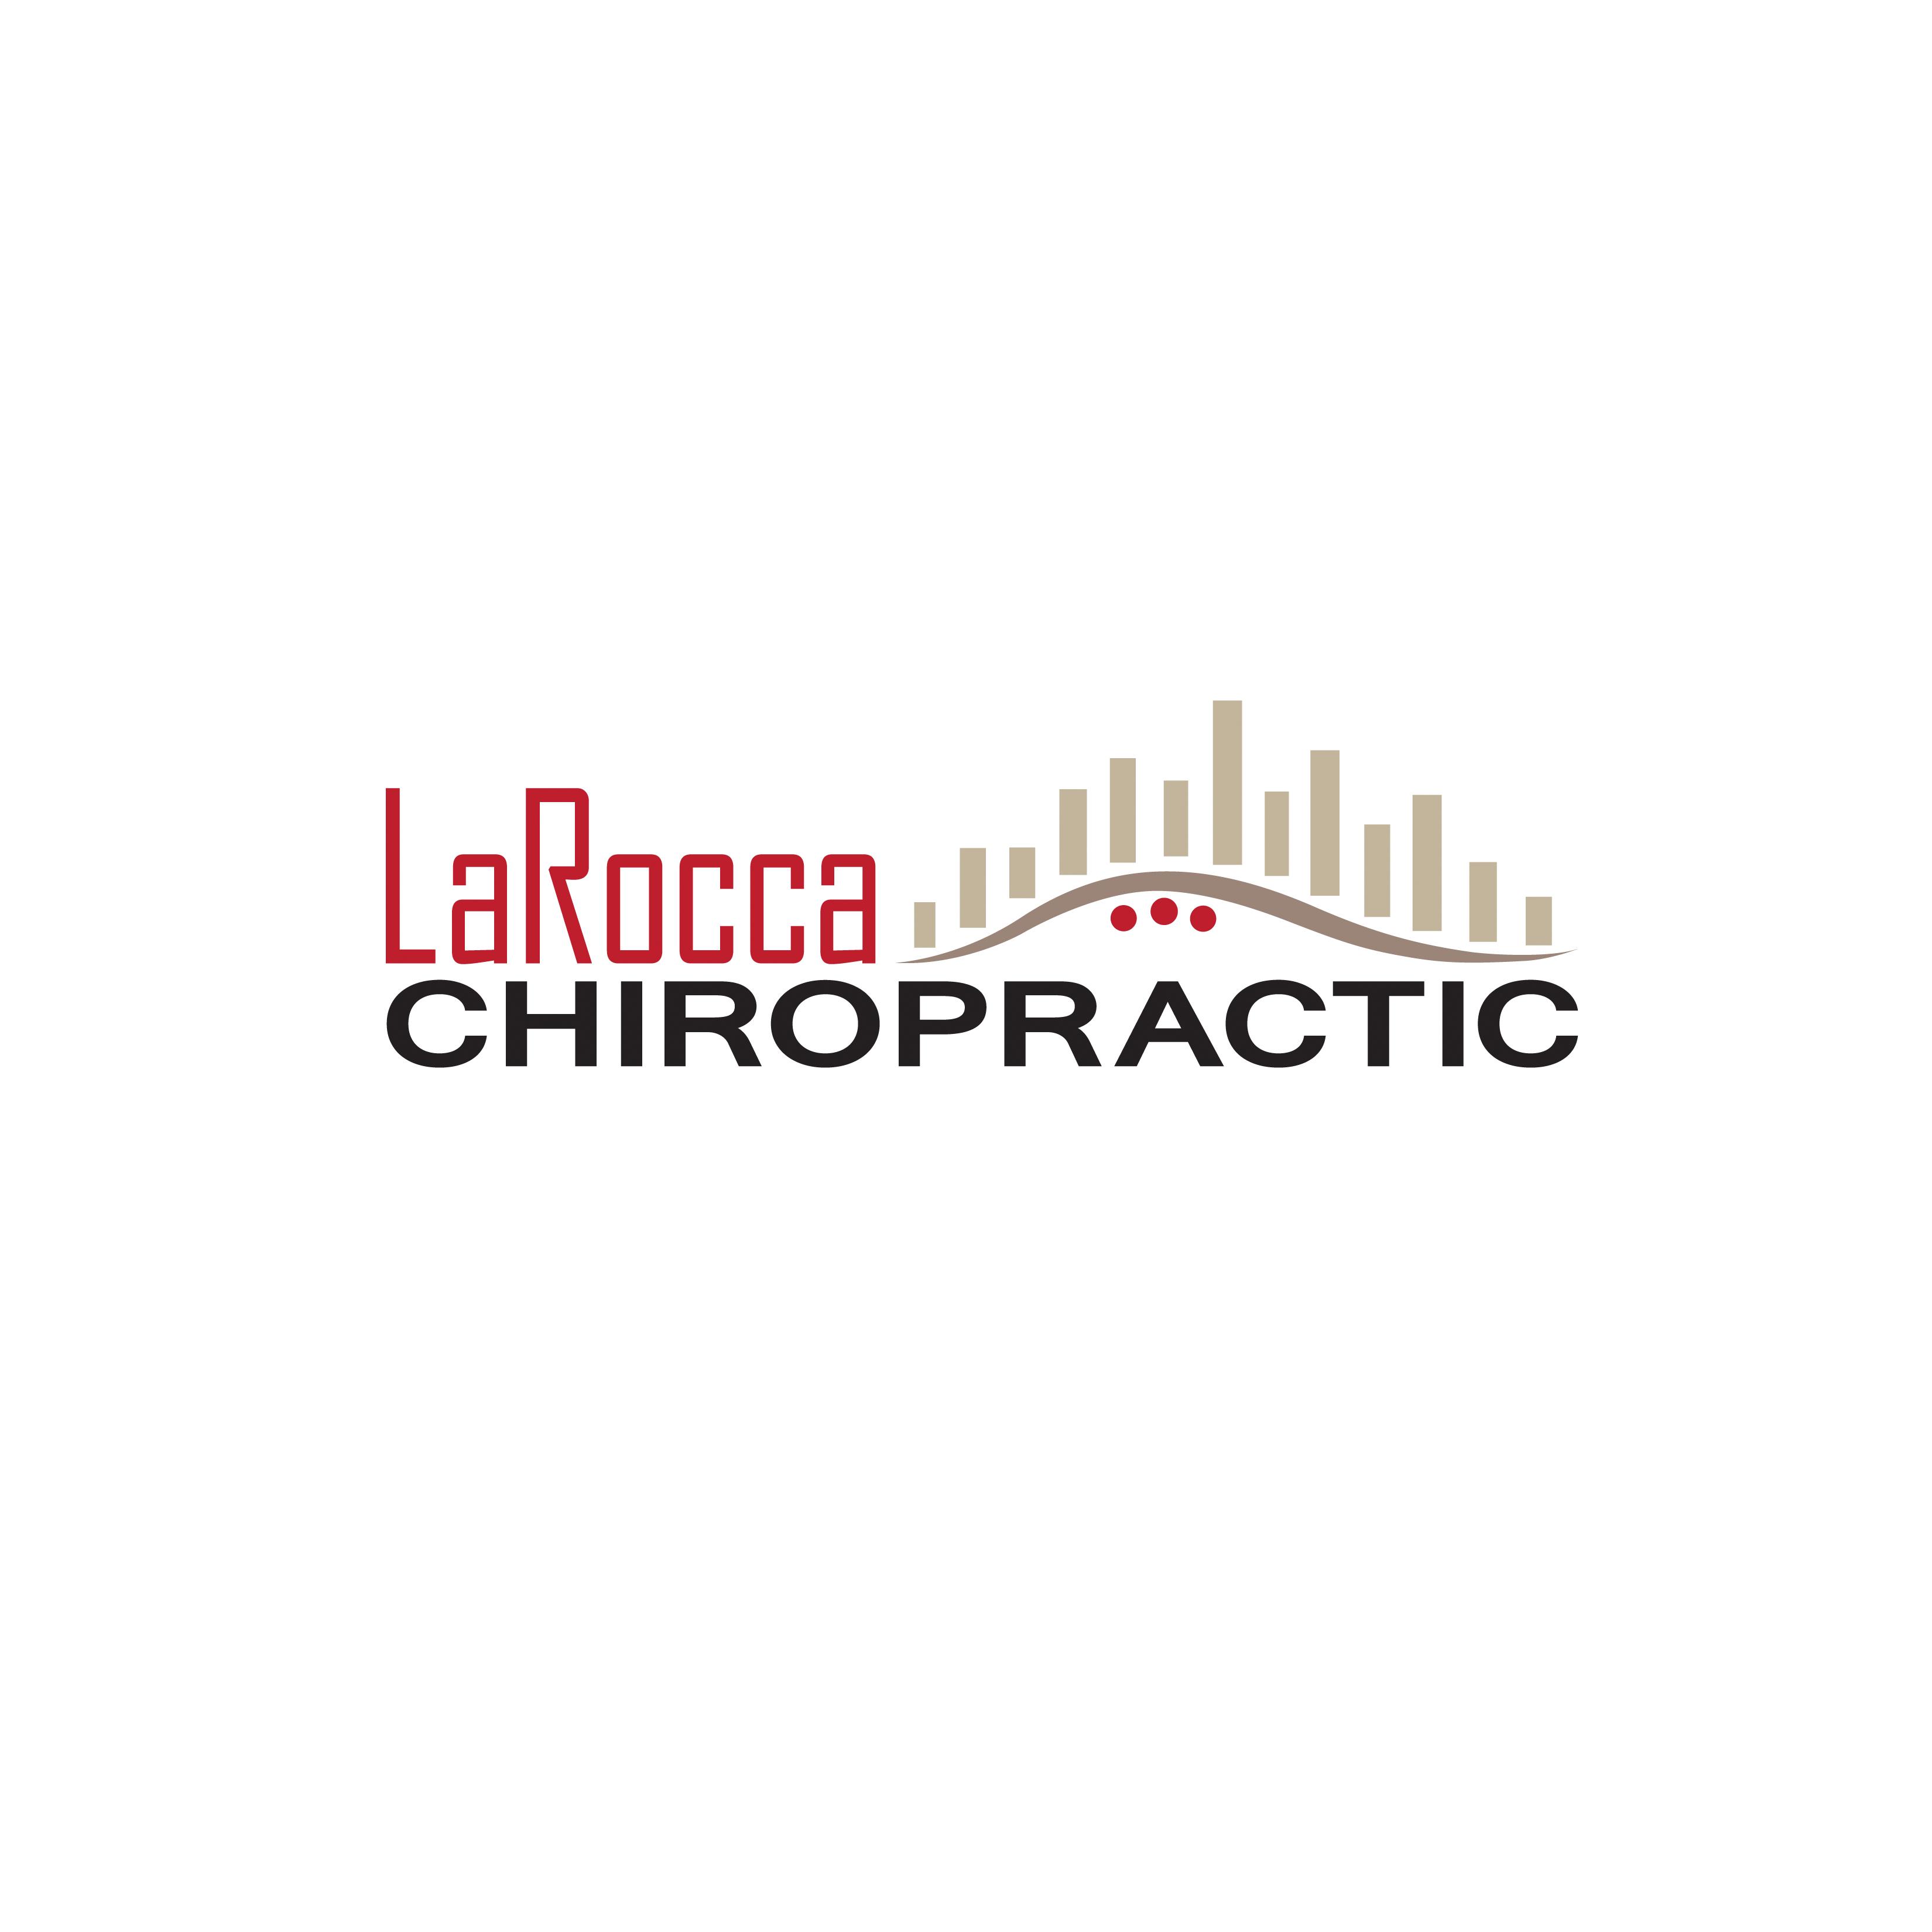 LaRocca Chiropractic image 5